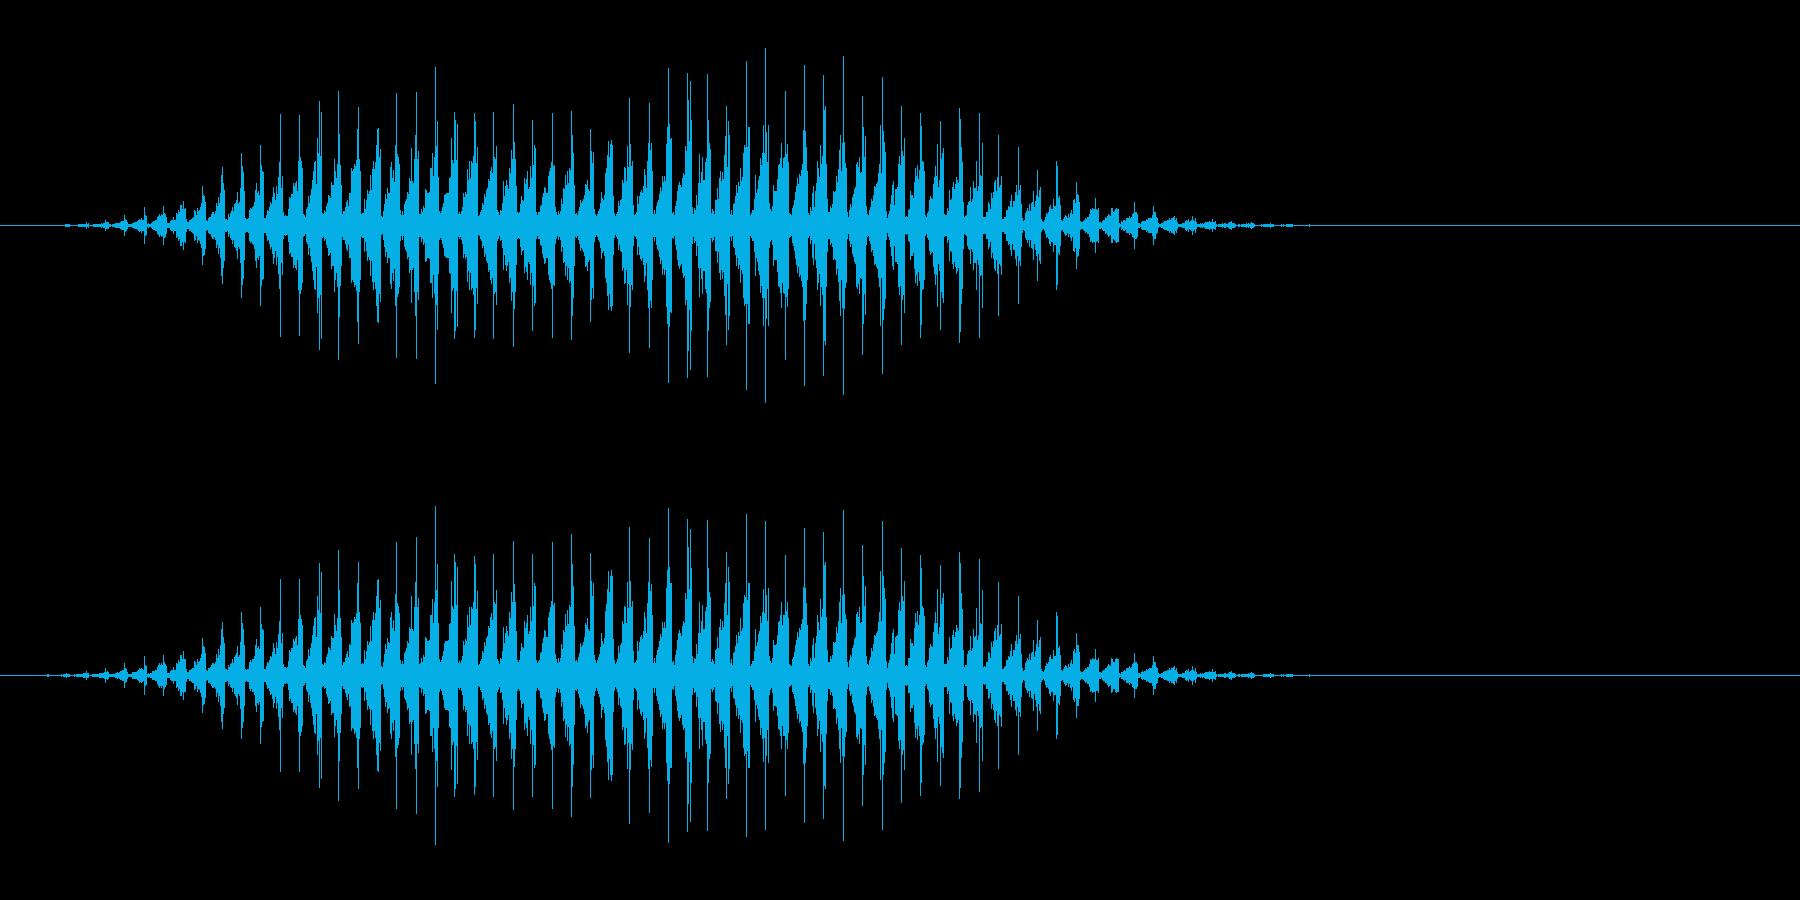 虫の羽音(ブーン/モンスター/飛ぶ)_2の再生済みの波形